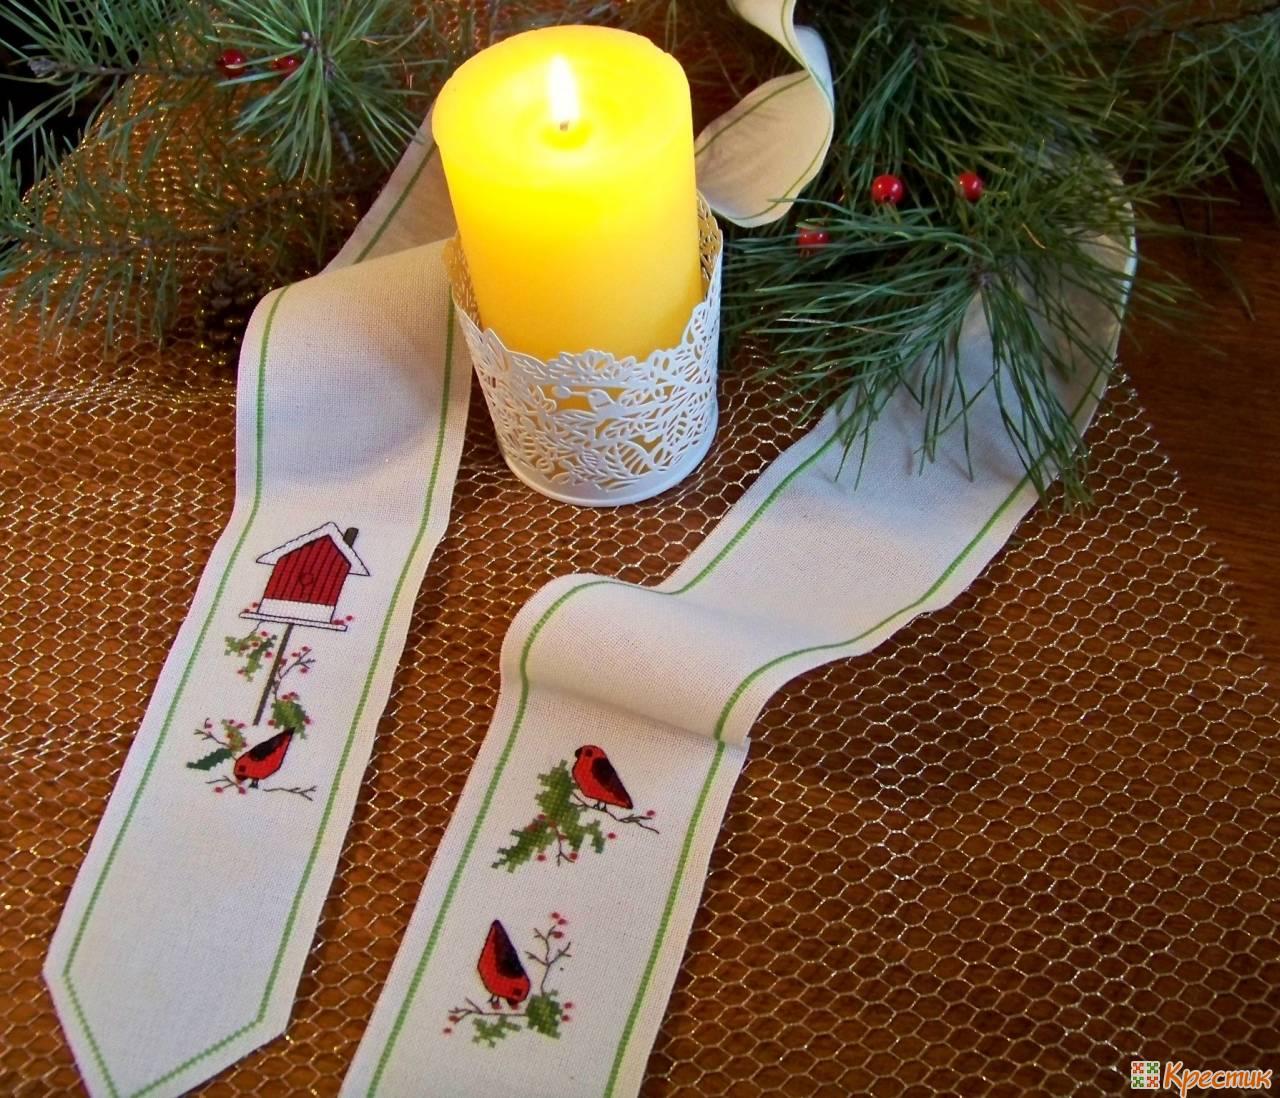 1-Lenta-dlya-dekora.JPG